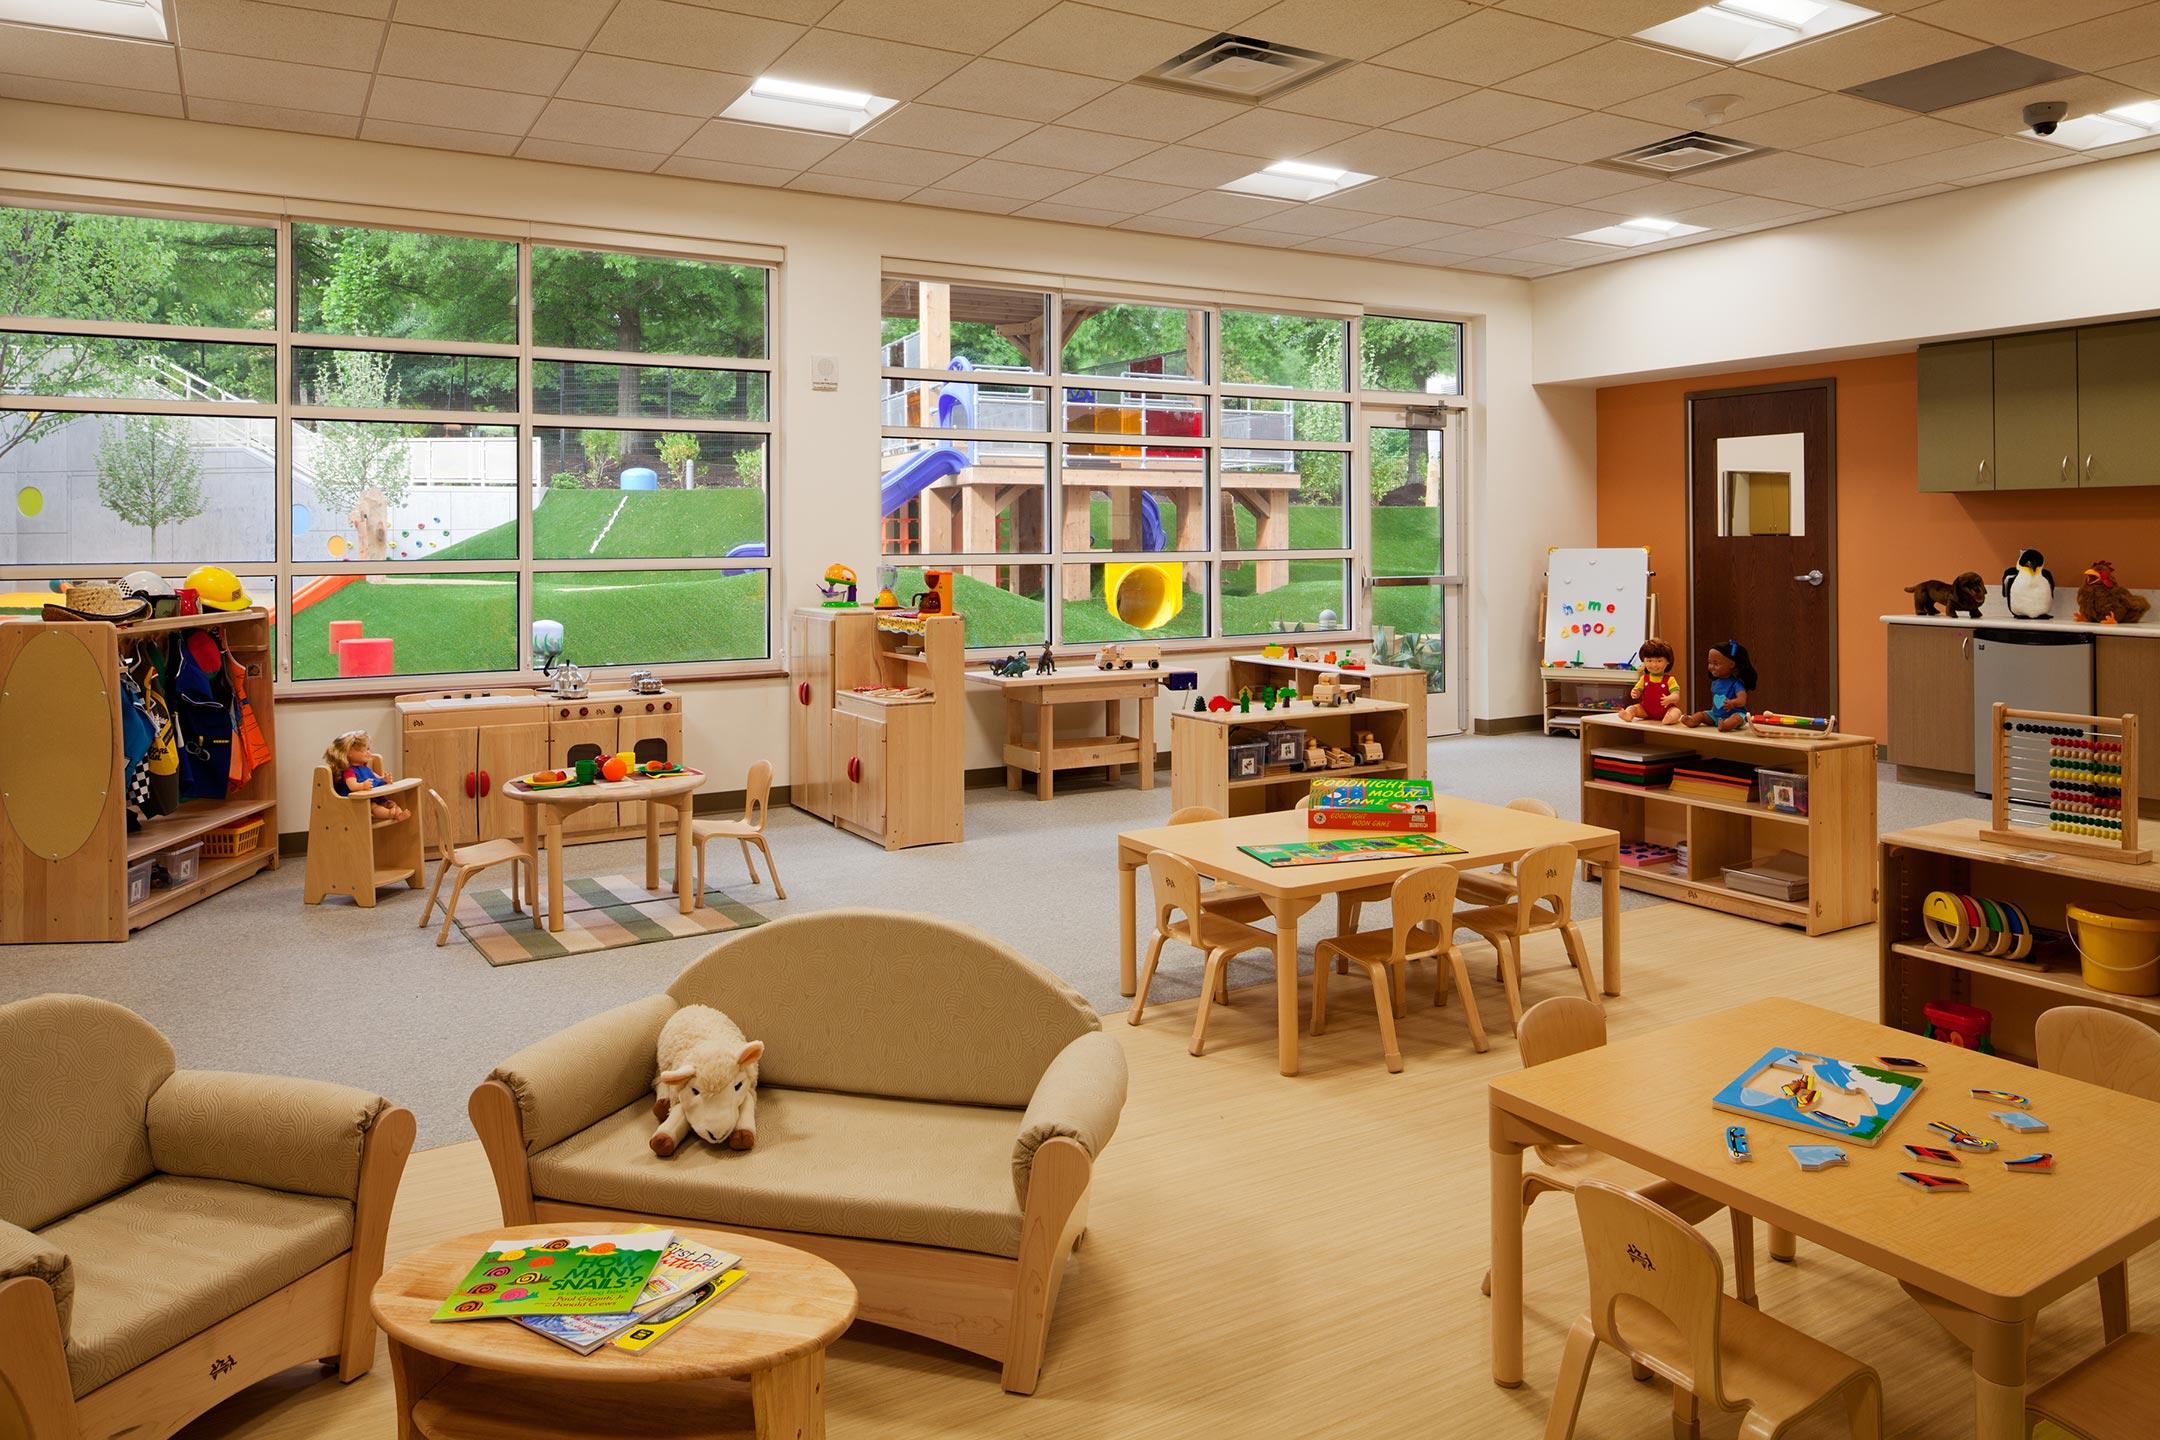 HomeDepot_CDC_Classroom.jpg